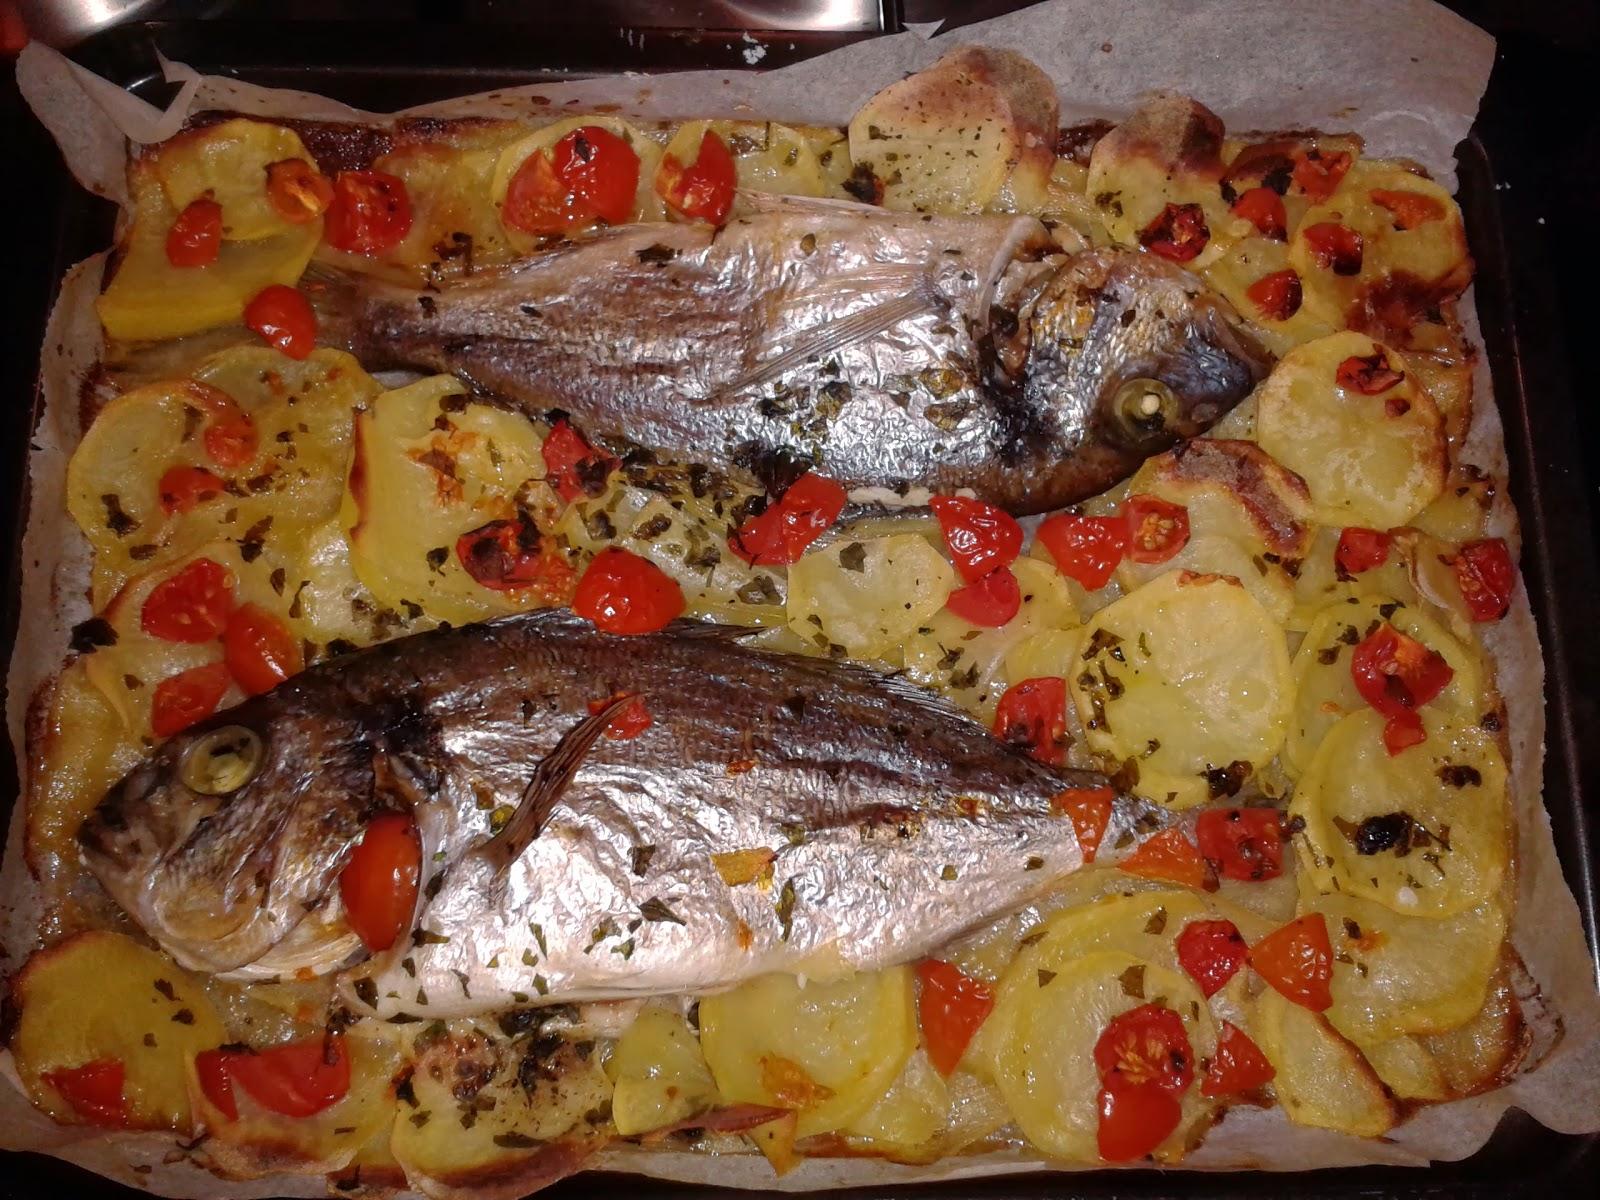 Cucina figli recensioni orata al forno su letto di patate - Filetto di orata al forno su letto di patate ...